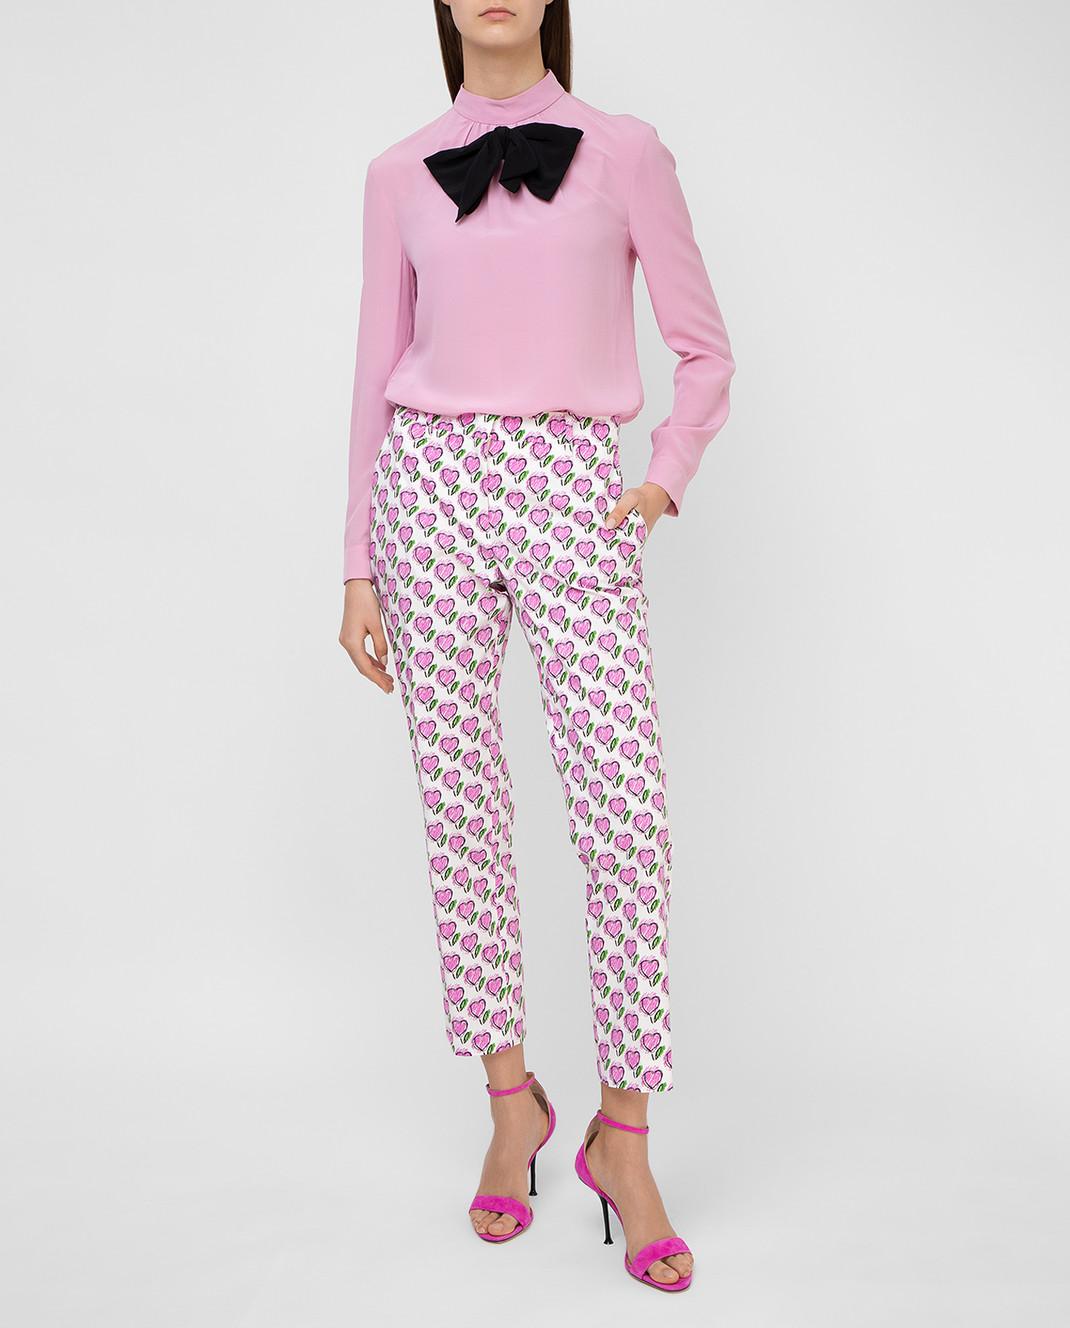 Prada Розовая блуза из шелка P970C изображение 2